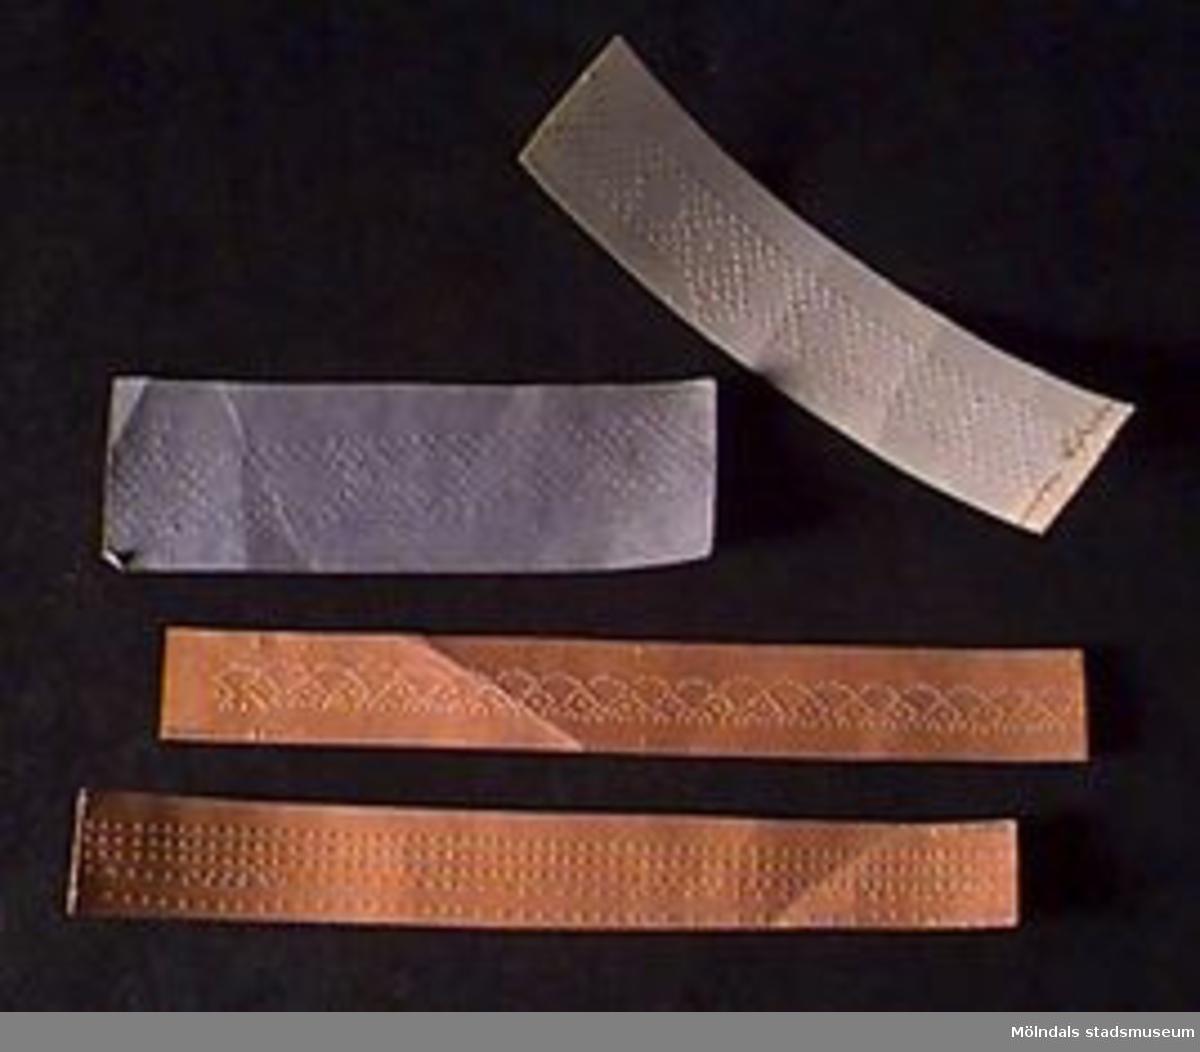 """Knyppelmönster på brun knyppelpapp respektive vanligt, kraftigt papper i grönt, blått och beige. Alla mönstren är perforerade efter knyppling.MM02824:1 (det bredaste mönstret) har måtten: L 322, B 68. Skrivet med blyerts: """"20 par"""".:2 (det längsta) har måtten: L 386, B 35. Ritat med blyerts, samt skrivet: """"9 par"""" och """"Gunvor Adelberth"""". :3 L 344, B 45. Skrivet med blyerts: """"Udd och stad"""", """"9 par"""", """"Gunvor Adelberth Klass ll"""". Även ett namn oläsligt.:4 L 338, B 46. Ritat med bläck. Skrivet med blyerts: """"Gunvor Adelberth"""", """"8 par"""" samt """"1 par ---garn-"""" (delvis oläsligt). Samma text på baksidan.:5 (L 230, B 94) och :6 (L 230, B 99). Klippta i vinkelform. Ritat med blyerts.:7 L 25, B 65. Skrivet med blyerts: """"delberth Klass lll B"""" (papperet avklippt mitt i namnet).:8  L 230, B 52. Ritat med blyerts. Skrivet med bläck: """"nvor Adelber"""" (papperet avklippt mitt i namnet).:9 L 330, B 35. Skrivet med blyerts: """"Gunvor Adelberth"""", dock nästan bortnött.:10 och :11 Ritat med blyerts. :12-17 Utan märkning.Gunvor Otter (f. 1916-12-21), ursprungligen från Gävle, flyttade till Toltorpsdalen (Fotbollsgatan 17) 1959. Till Bifrost flyttade hon 1991. Gunvor Otter är f.d. gymnasielärare i historia och svenska. 1955-1971 ca arbetade hon på Flickläroverket, därefter på Hvitfeldtska fram till pensioneringen 1981."""